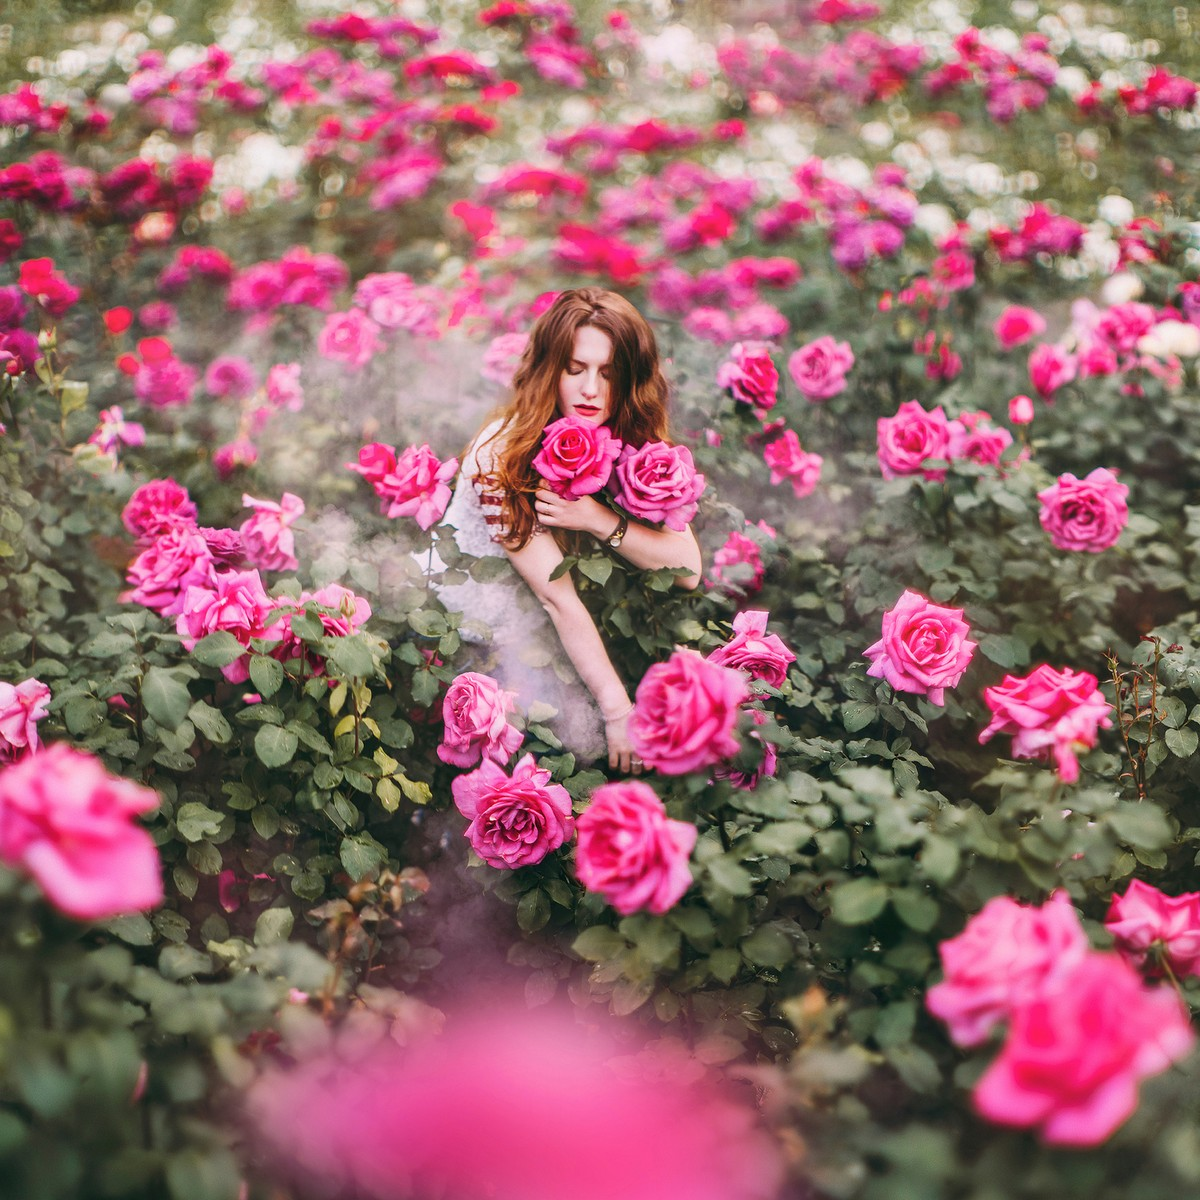 Сказочные фотографии от Кристины Макеевой